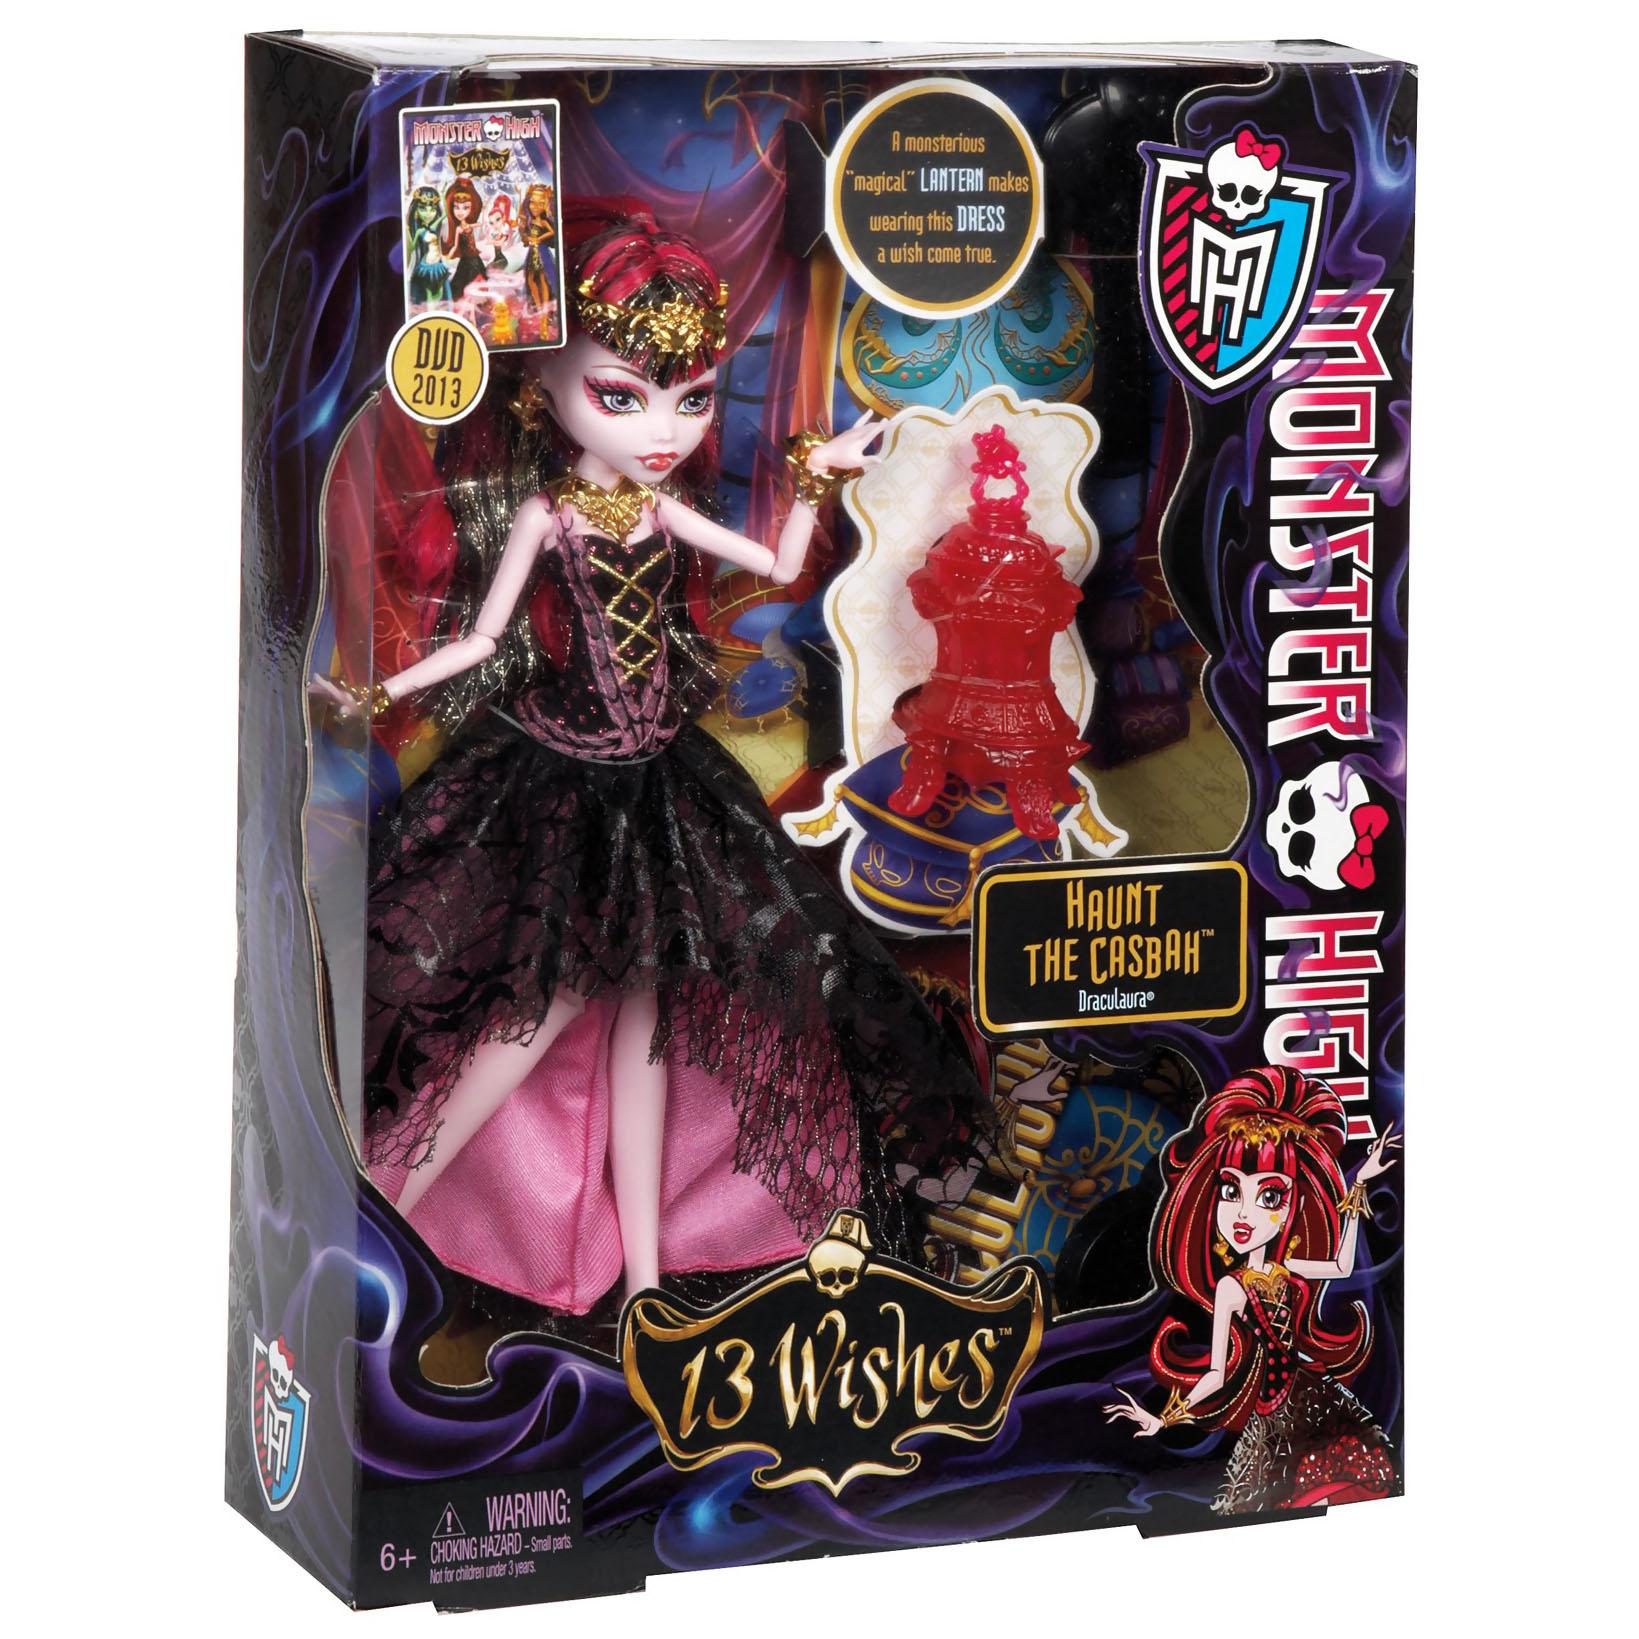 ����� Monster High ����� ����� ������������ ��������� 13 ������� Draculaura